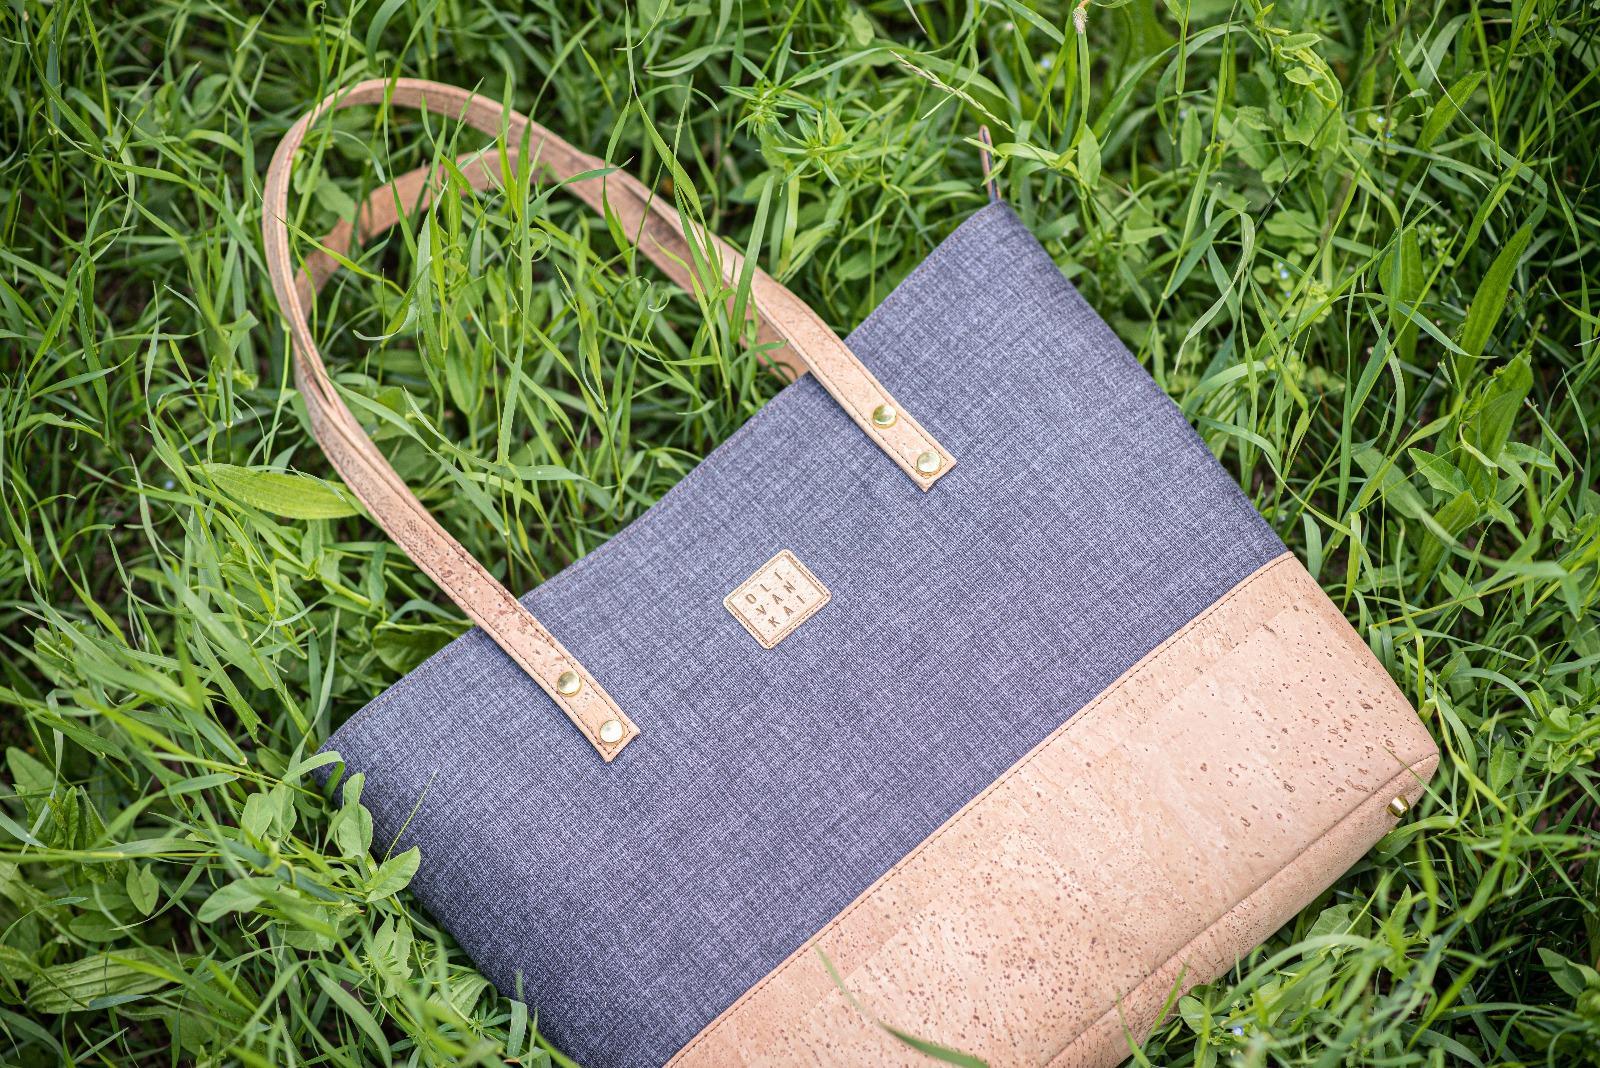 OLIVAN KAI eco-friendly bag